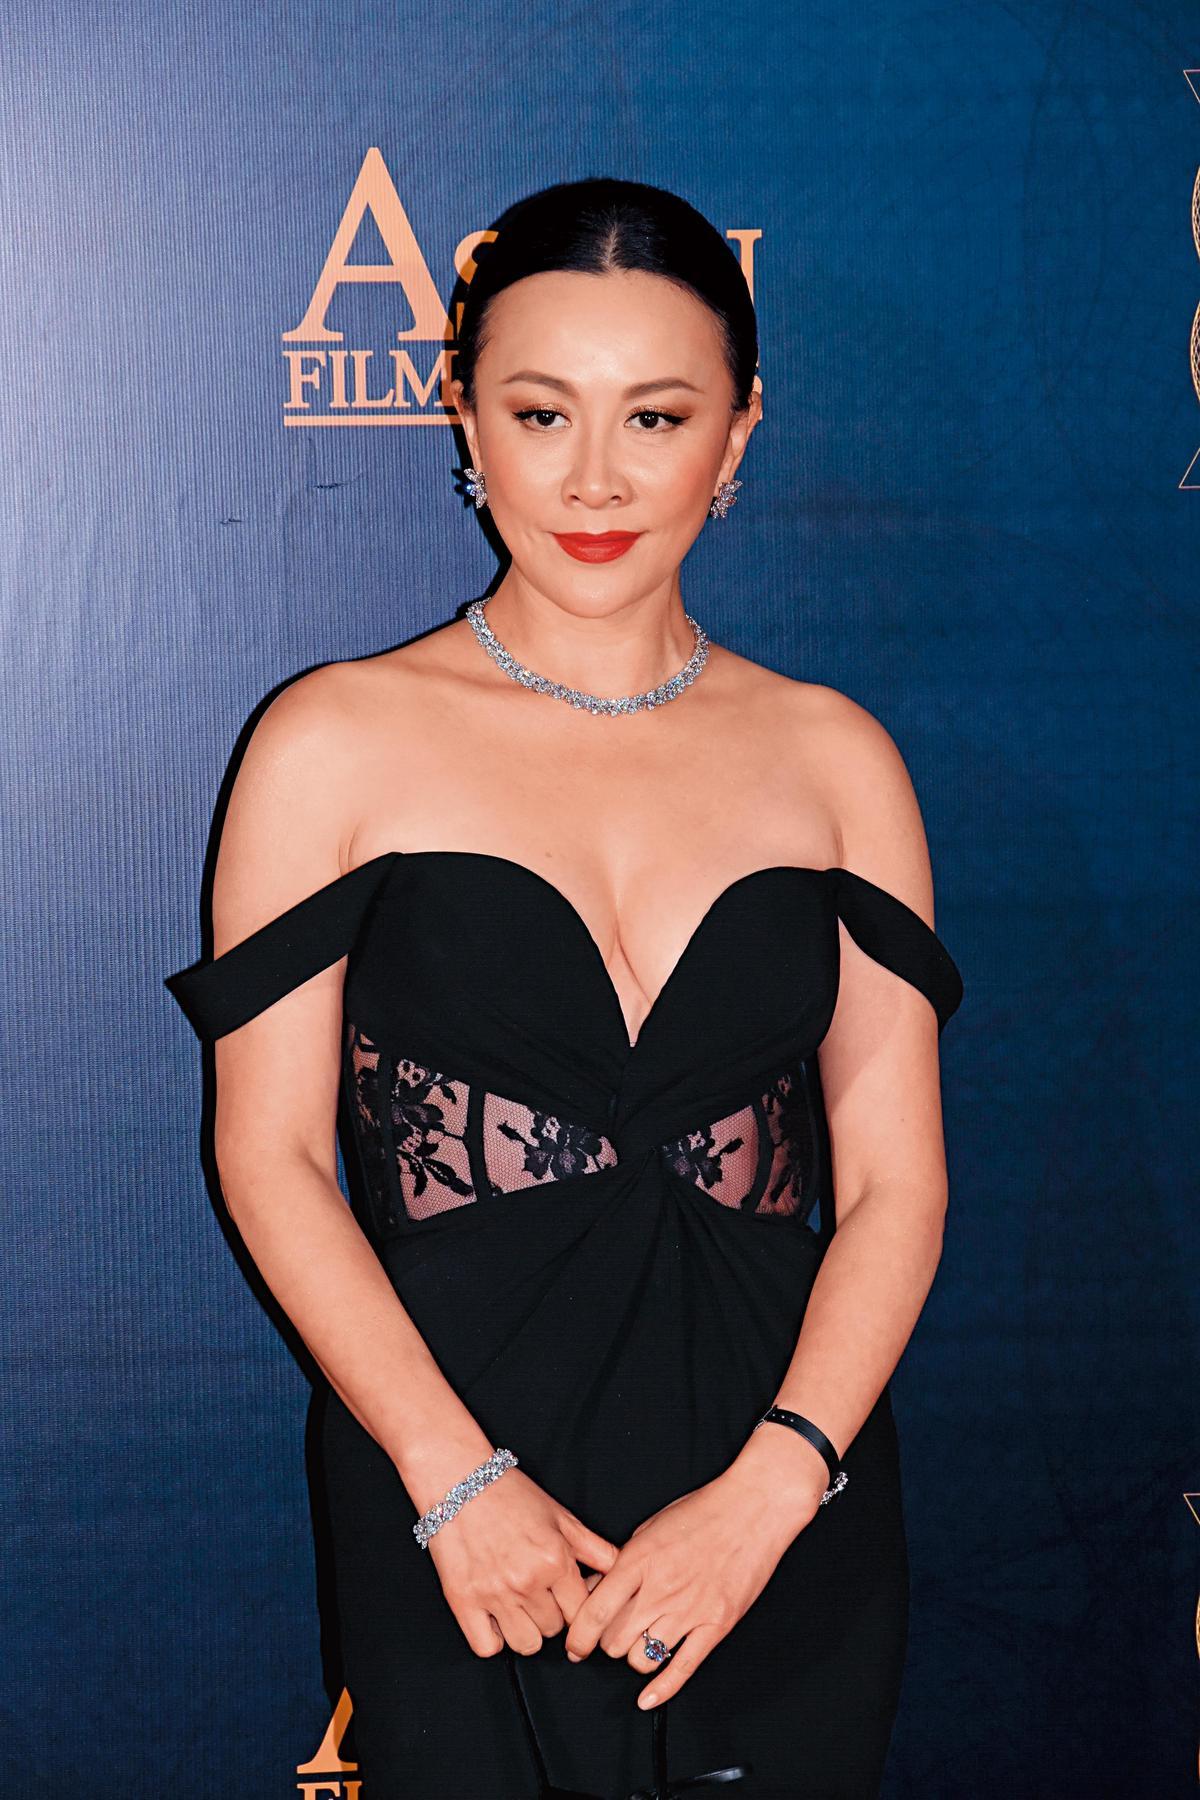 劉嘉玲出席第十二屆亞洲電影大獎時,以低胸晚裝搭配HARRY WINSTON珠寶現身。